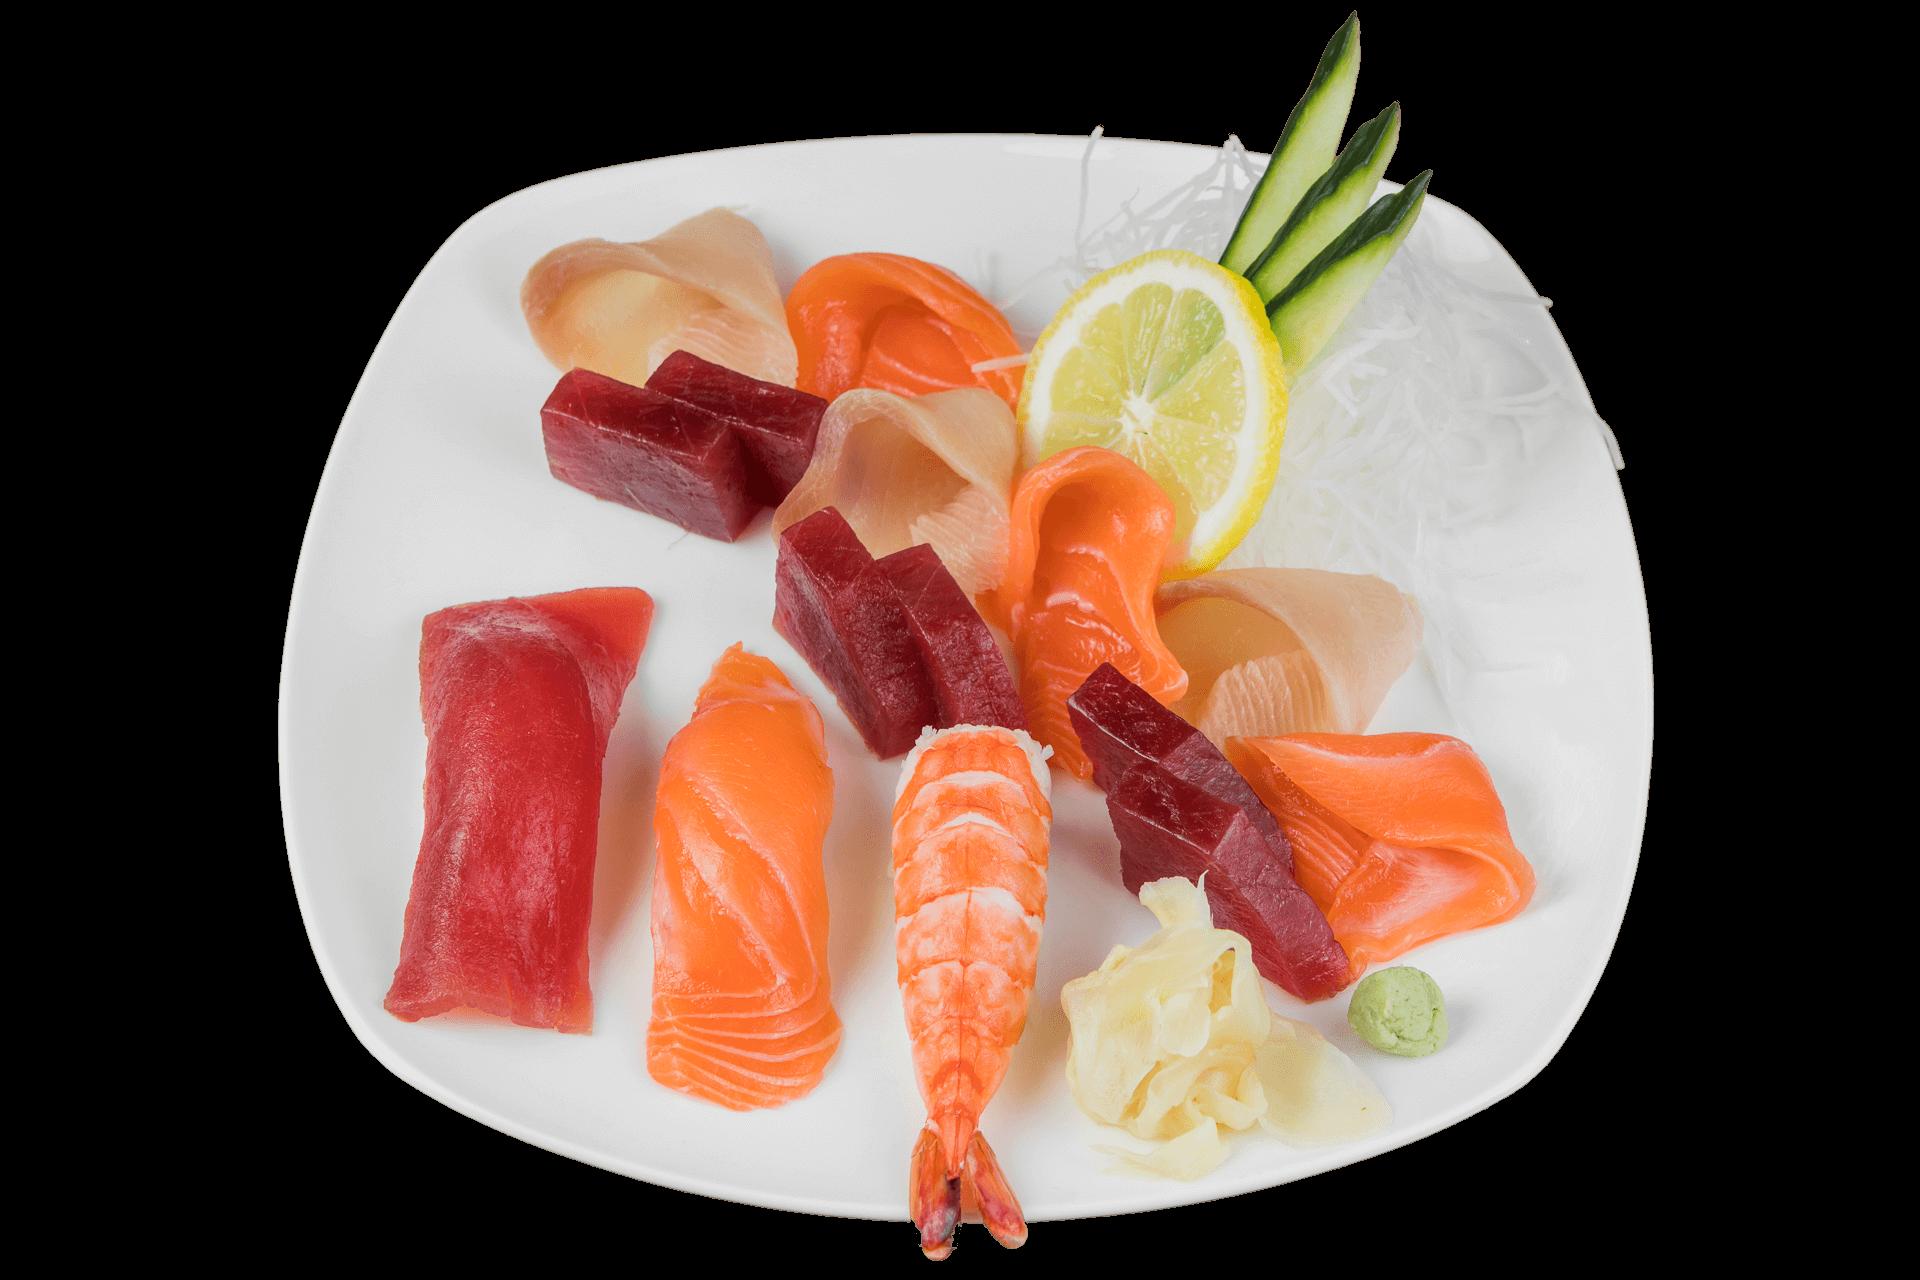 Oishii Mittagsmenü